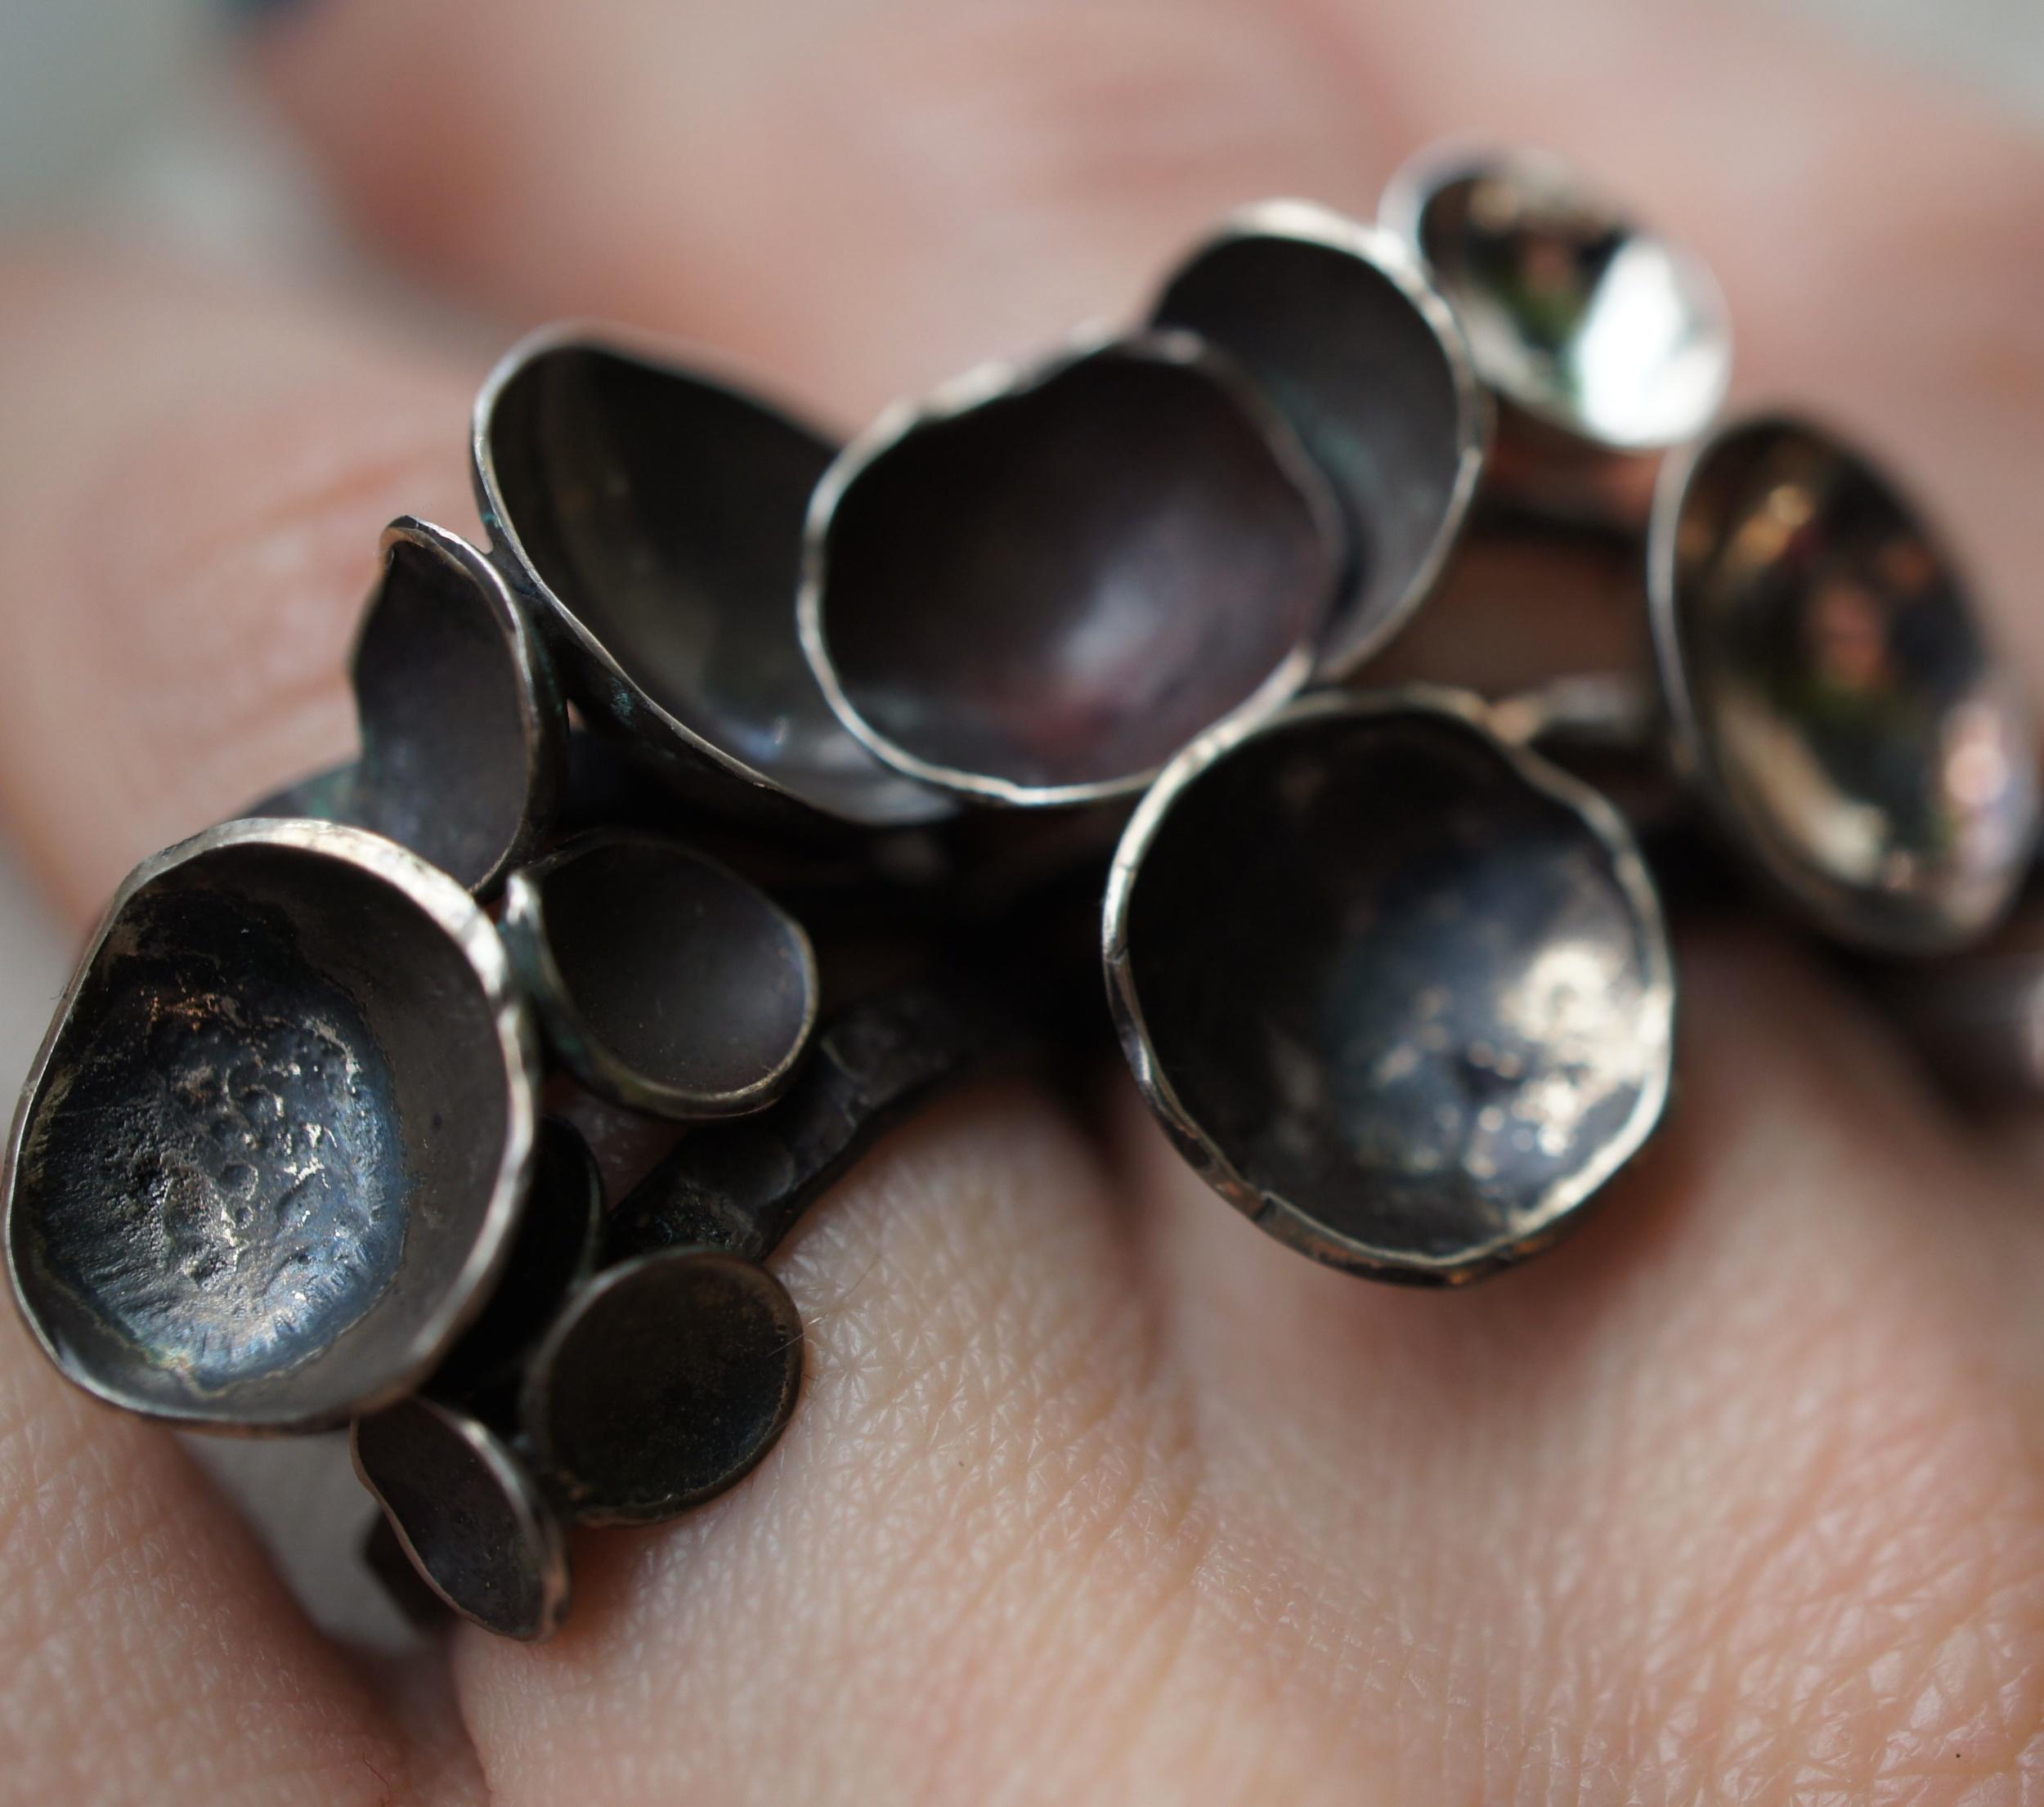 Fungus Rings, detail